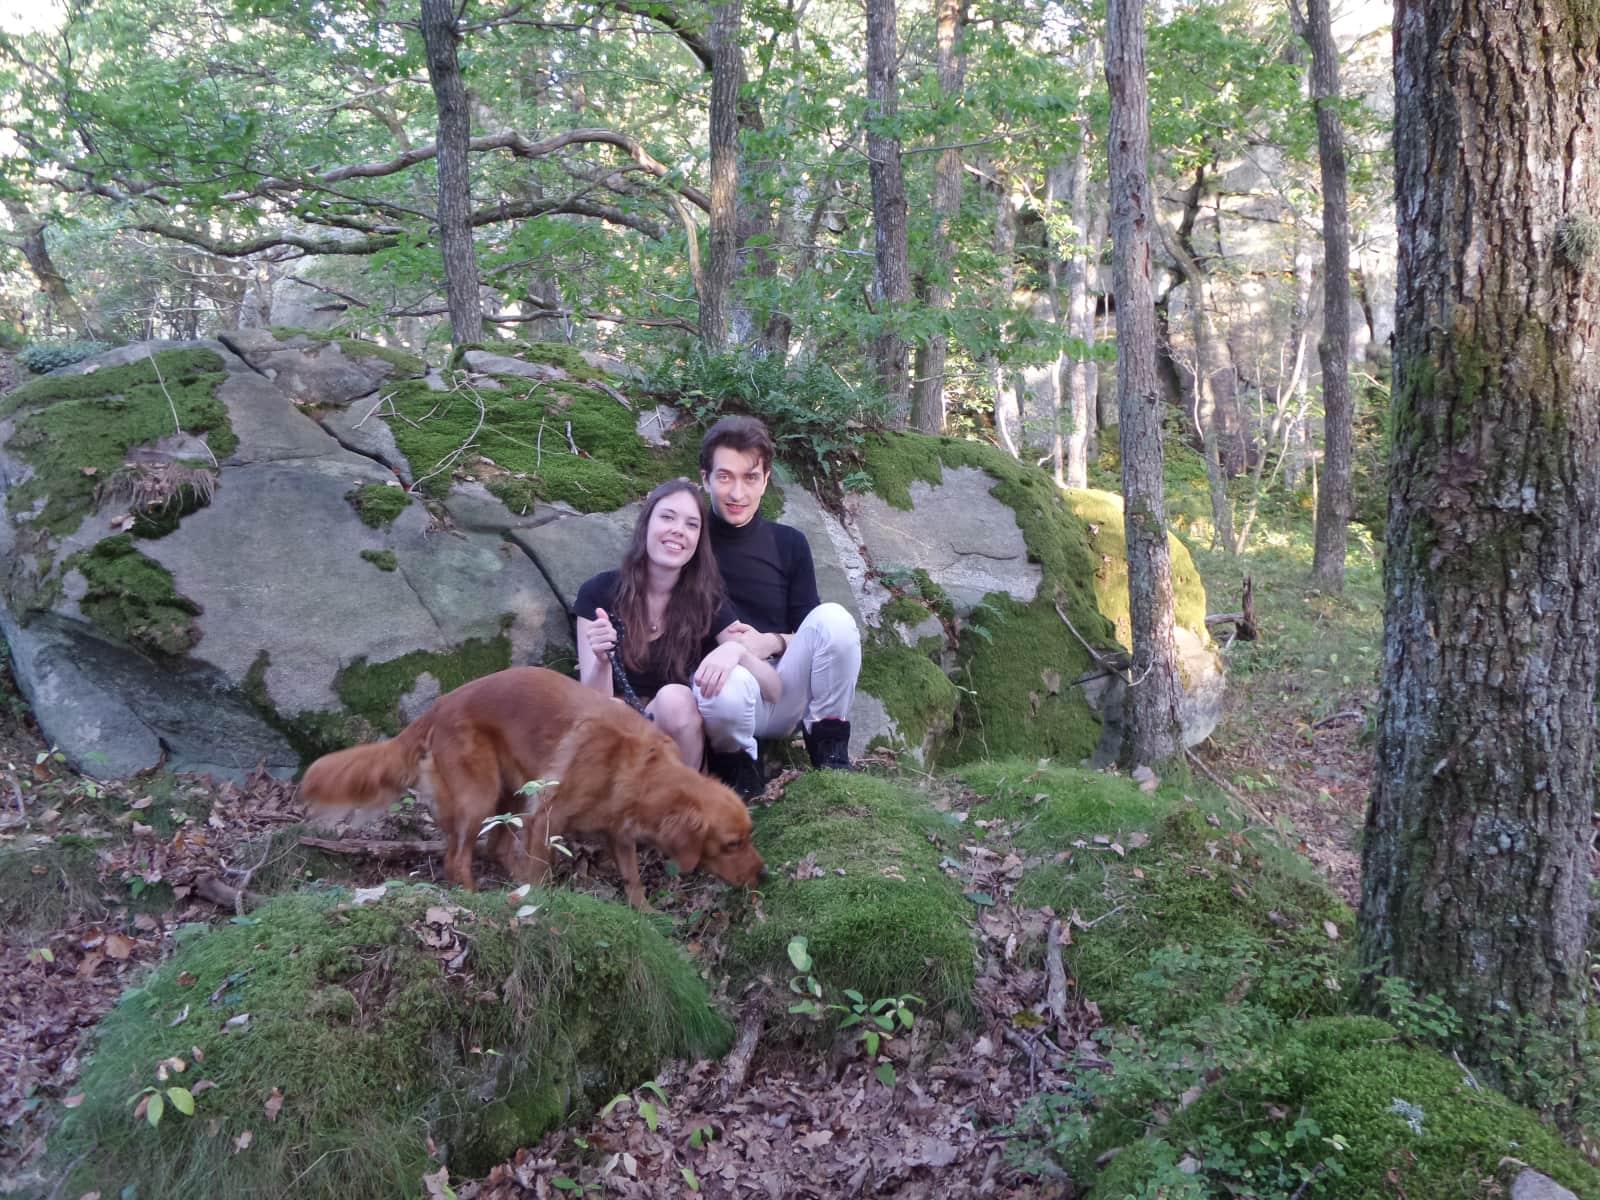 Roman & Rebecka from Göteborg, Sweden